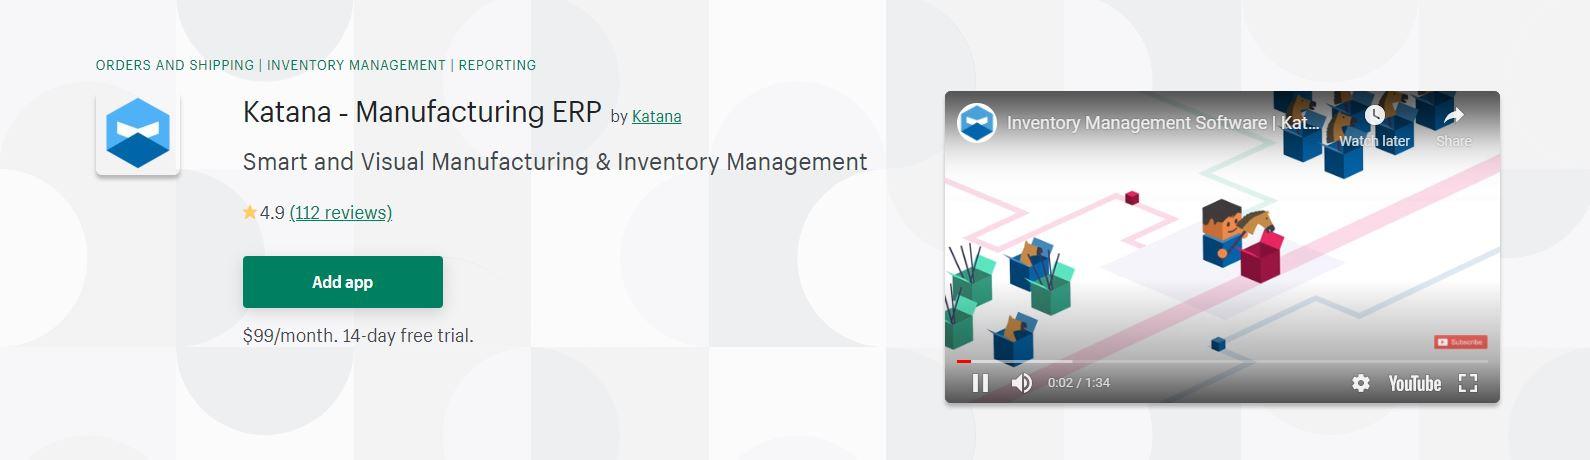 Katana ‑ Manufacturing ERP